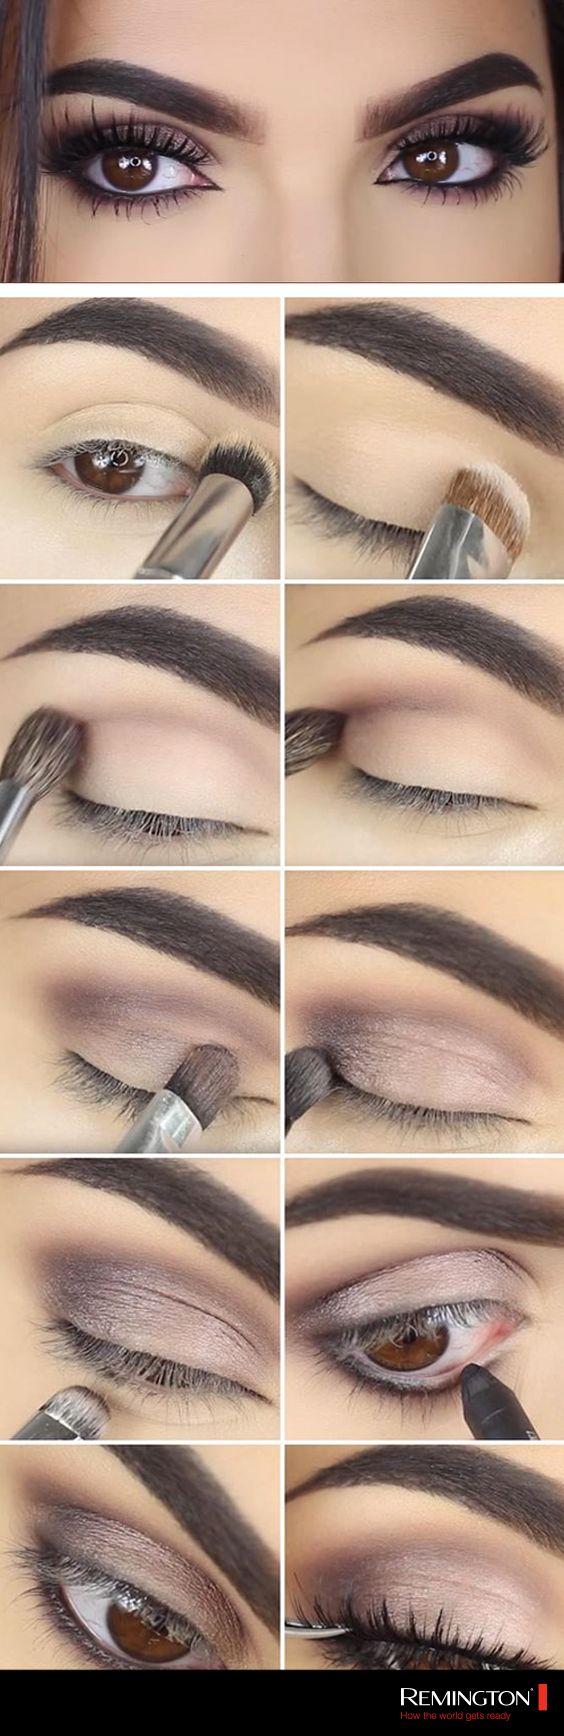 Luce sensacional y deslumbra con una mirada única con este maquillaje. ¡Inténtalo!